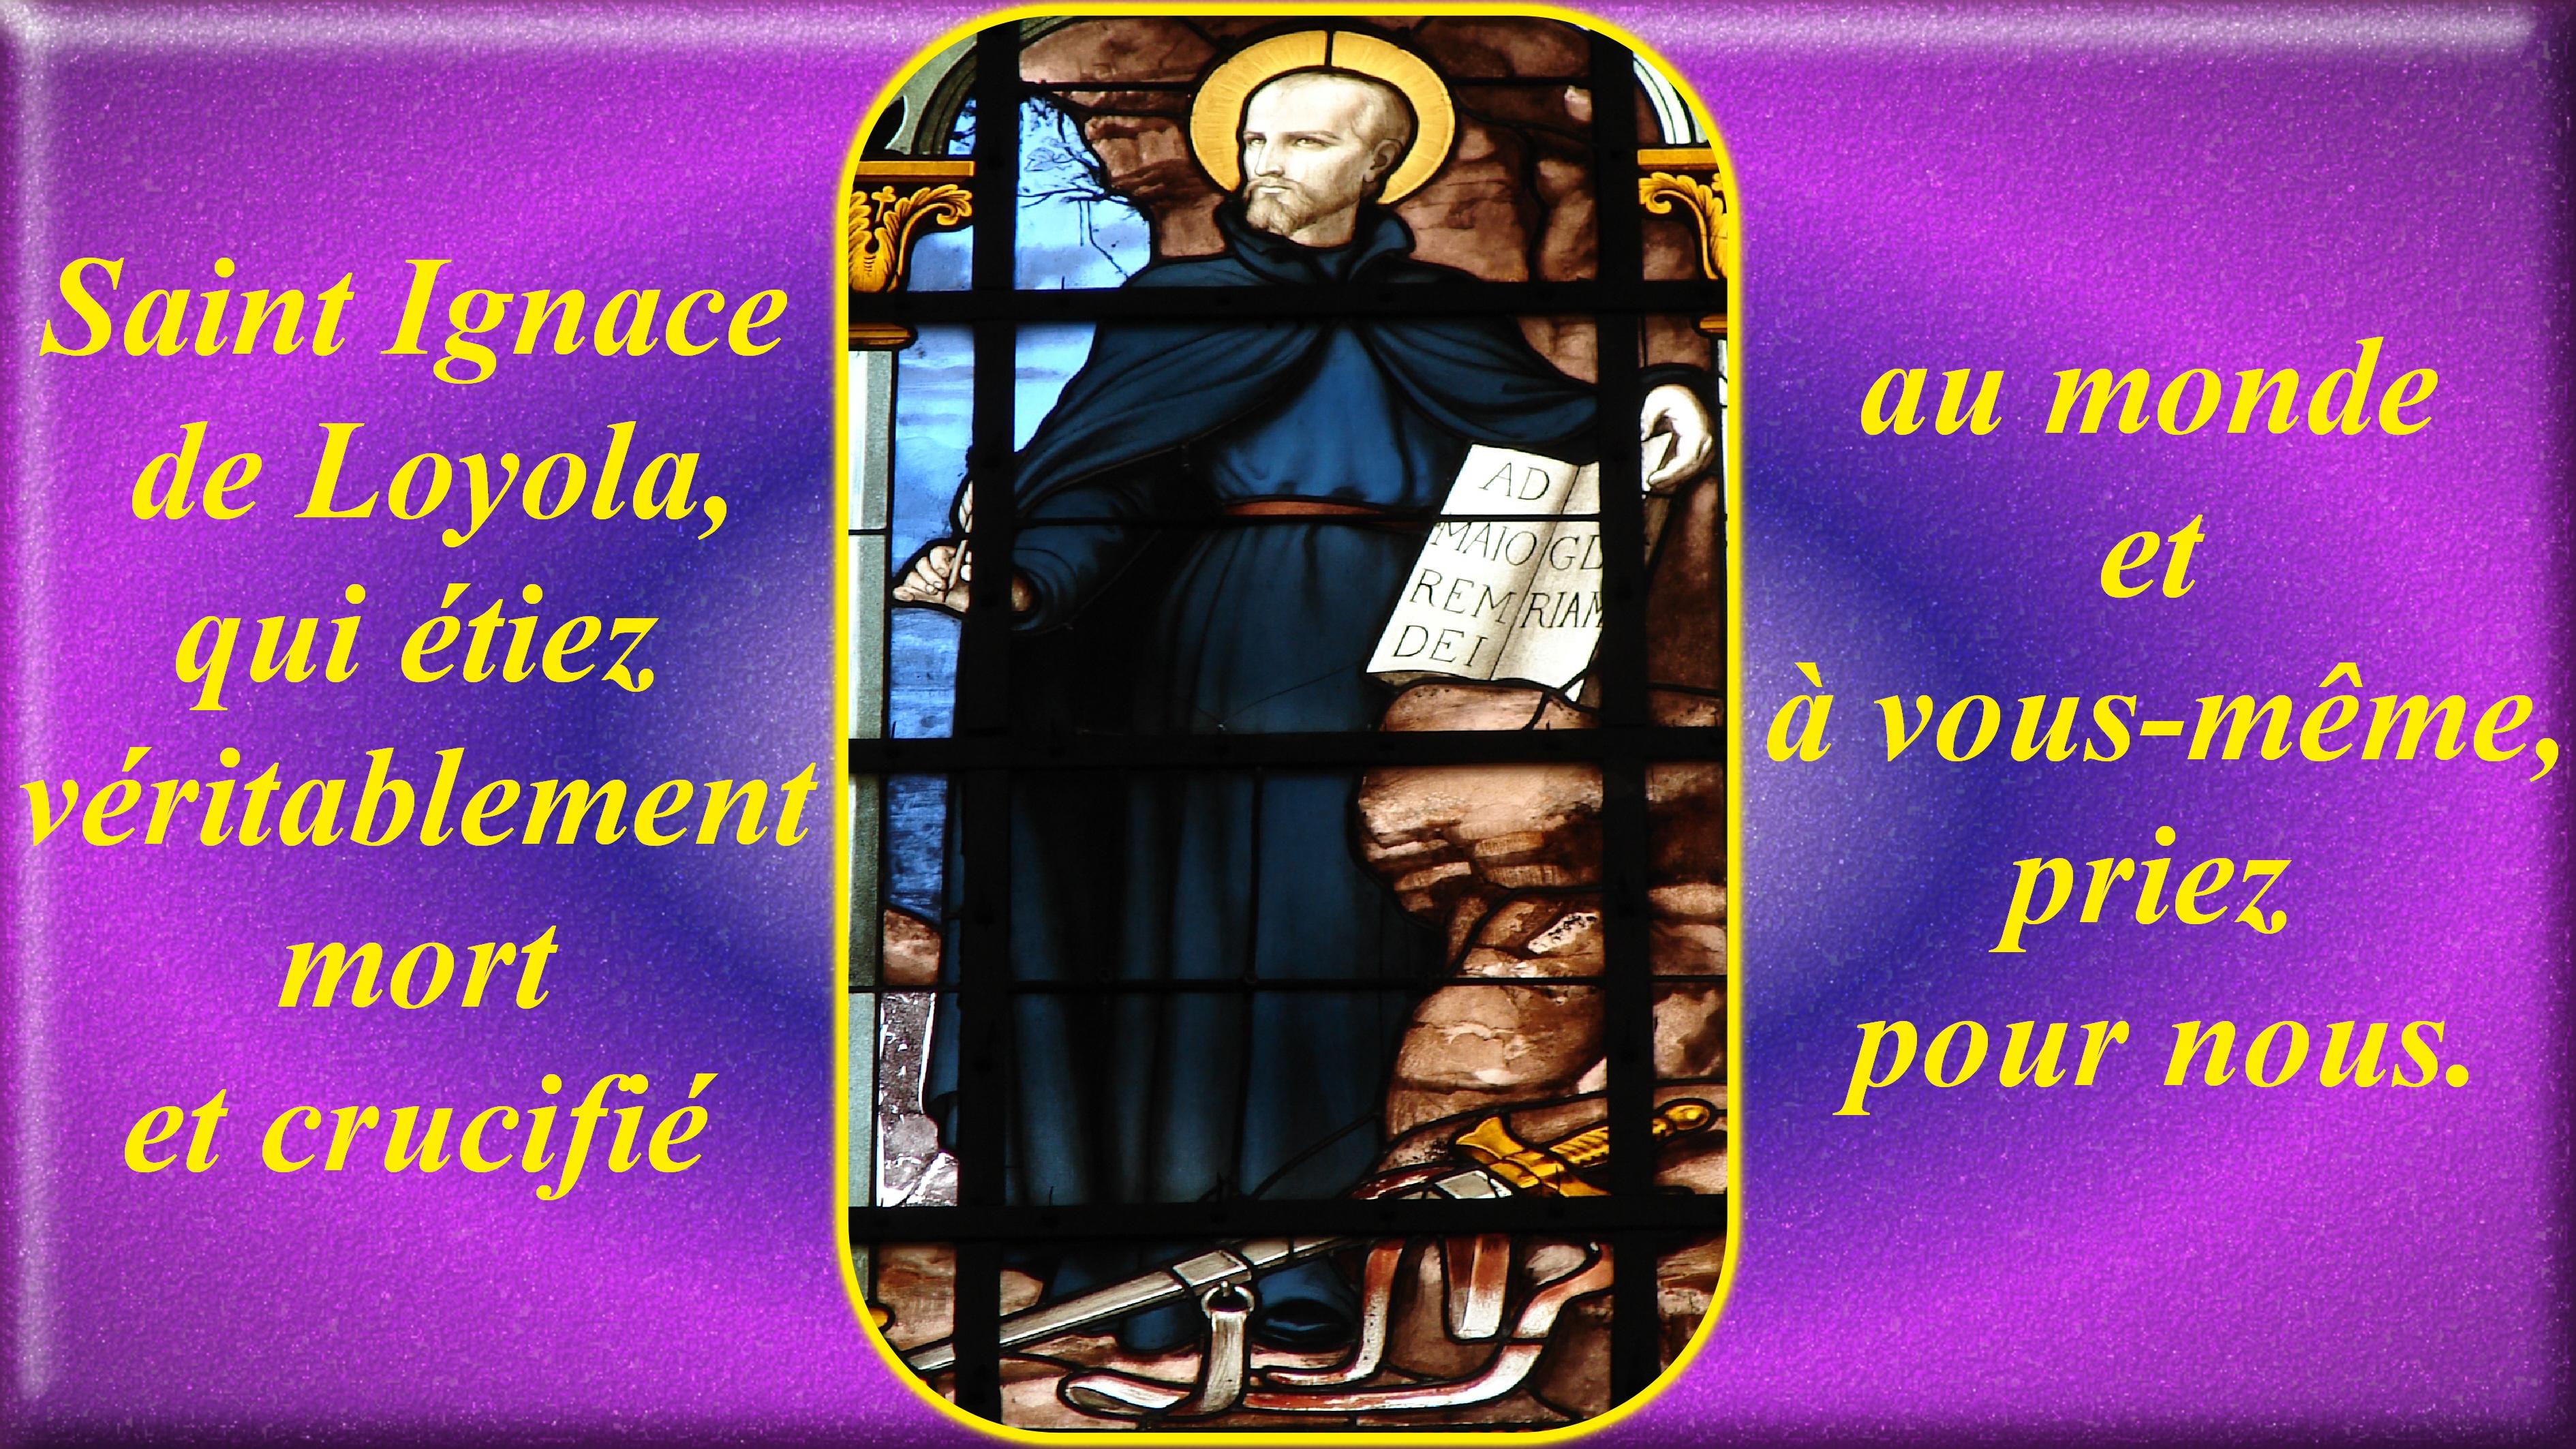 CALENDRIER CATHOLIQUE 2019 (Cantiques, Prières & Images) - Page 4 St-ignace-de-loyola-566c376